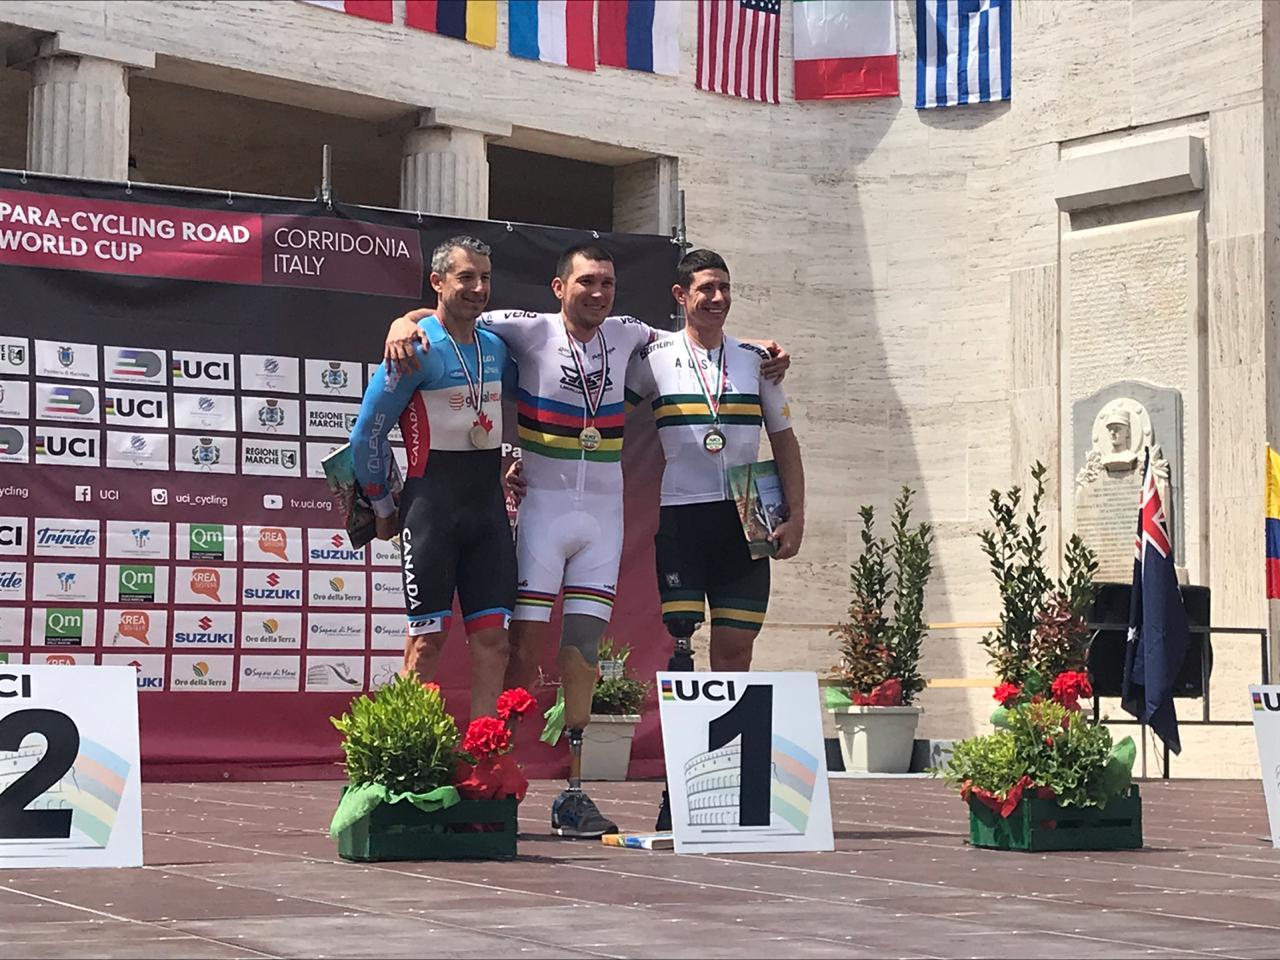 Сборная команда России по велоспорту лиц с ПОДА завоевала 3 золотые, 3 серебряные и 2 бронзовые награды на этапе Кубка мира в Италии